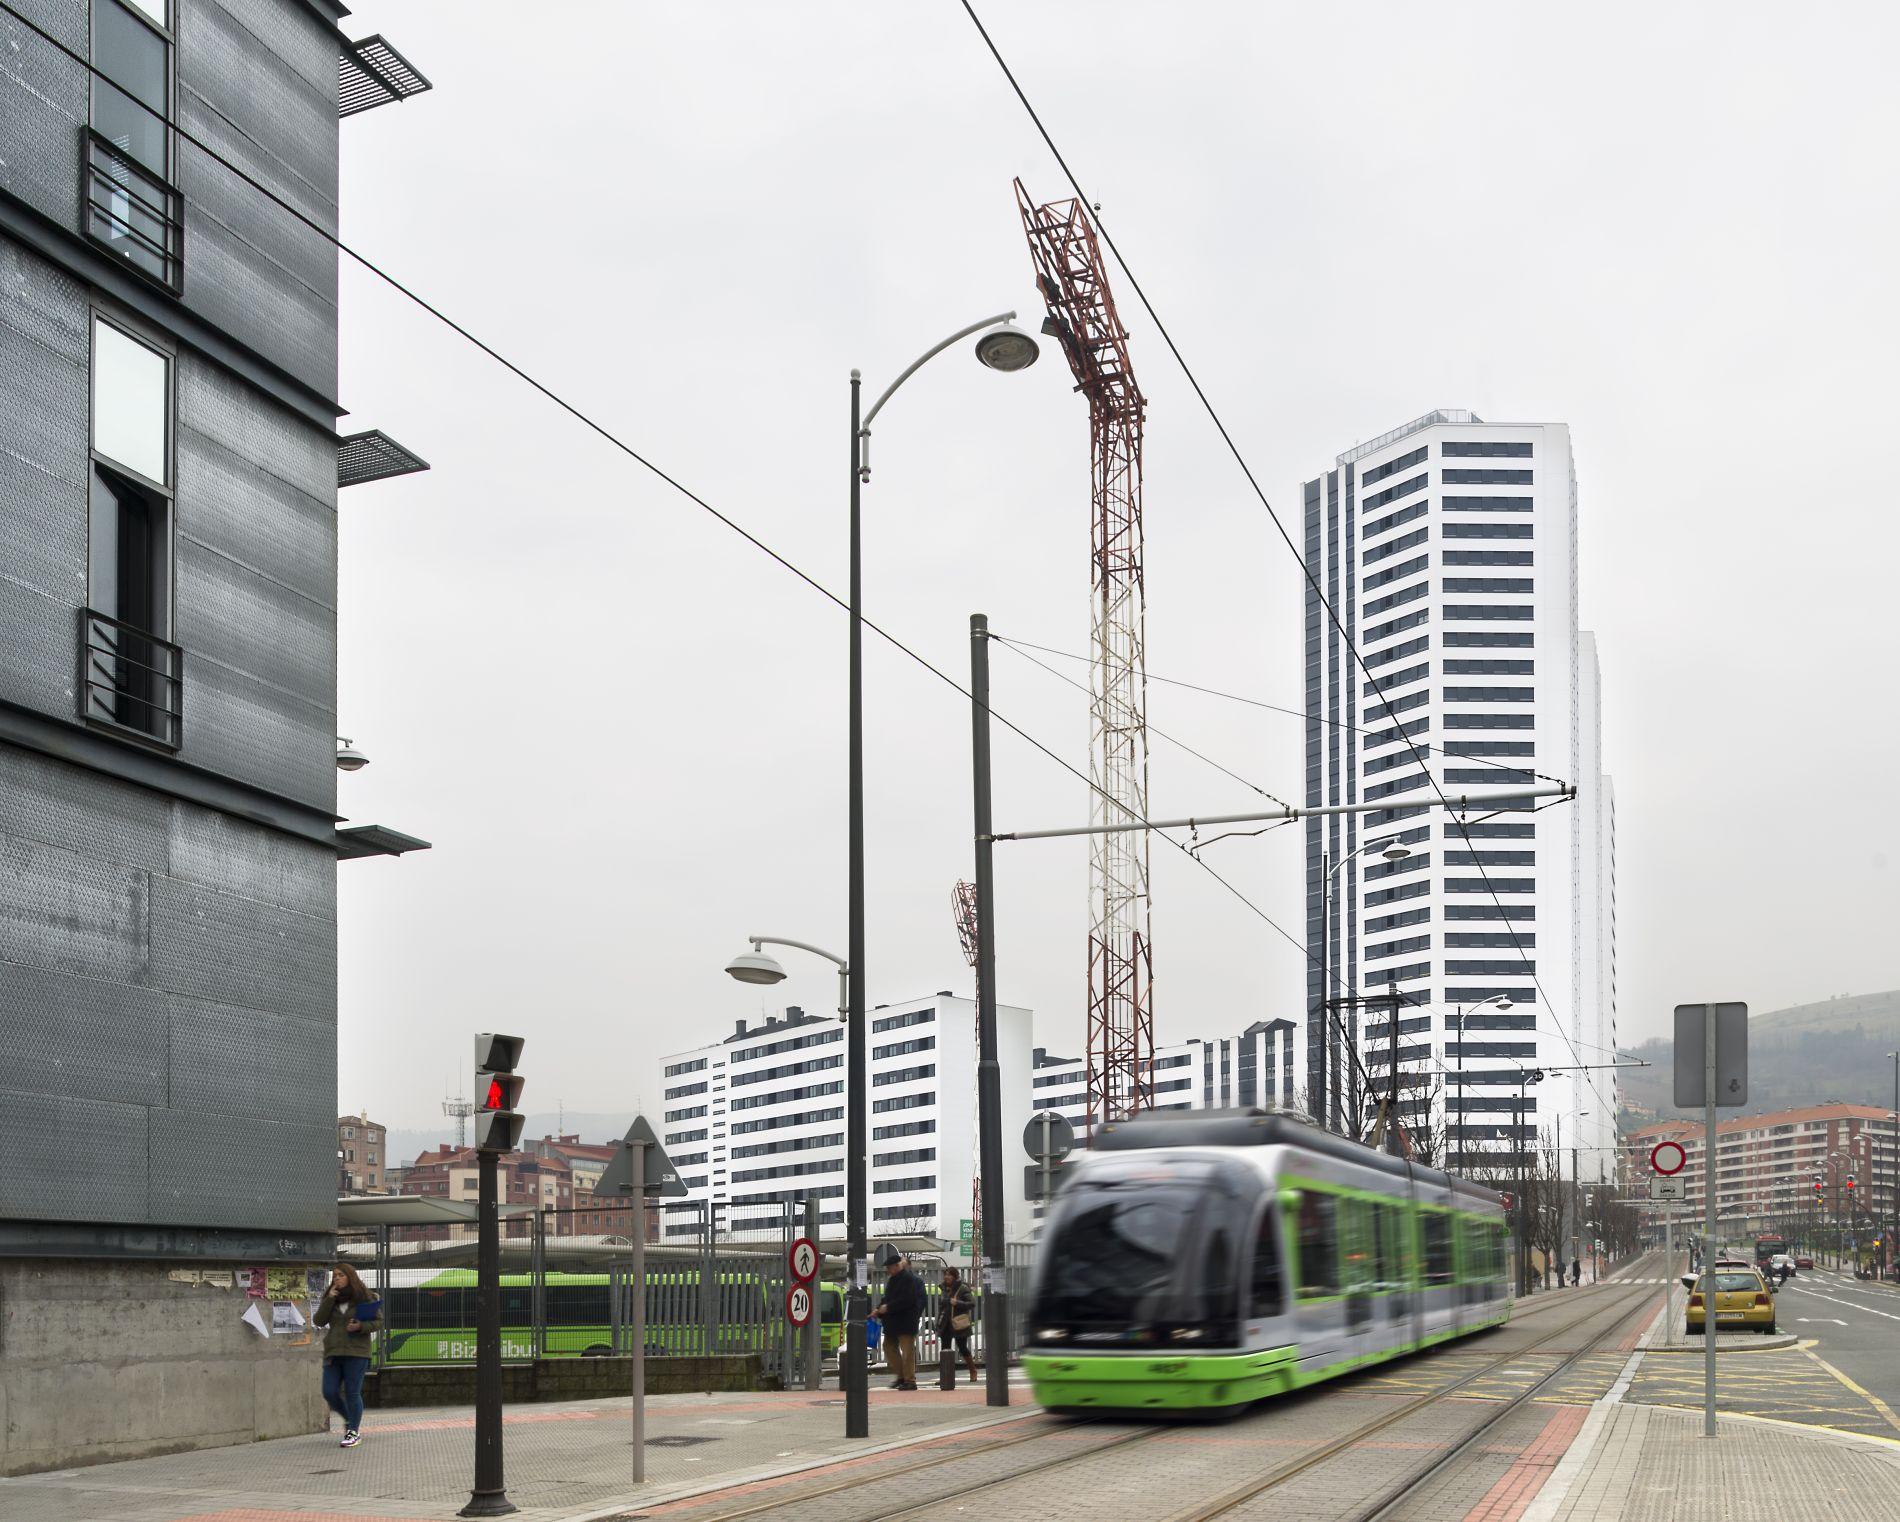 Fiark - 318 Viviendas VPO y 289 tasadas en Bilbao 8